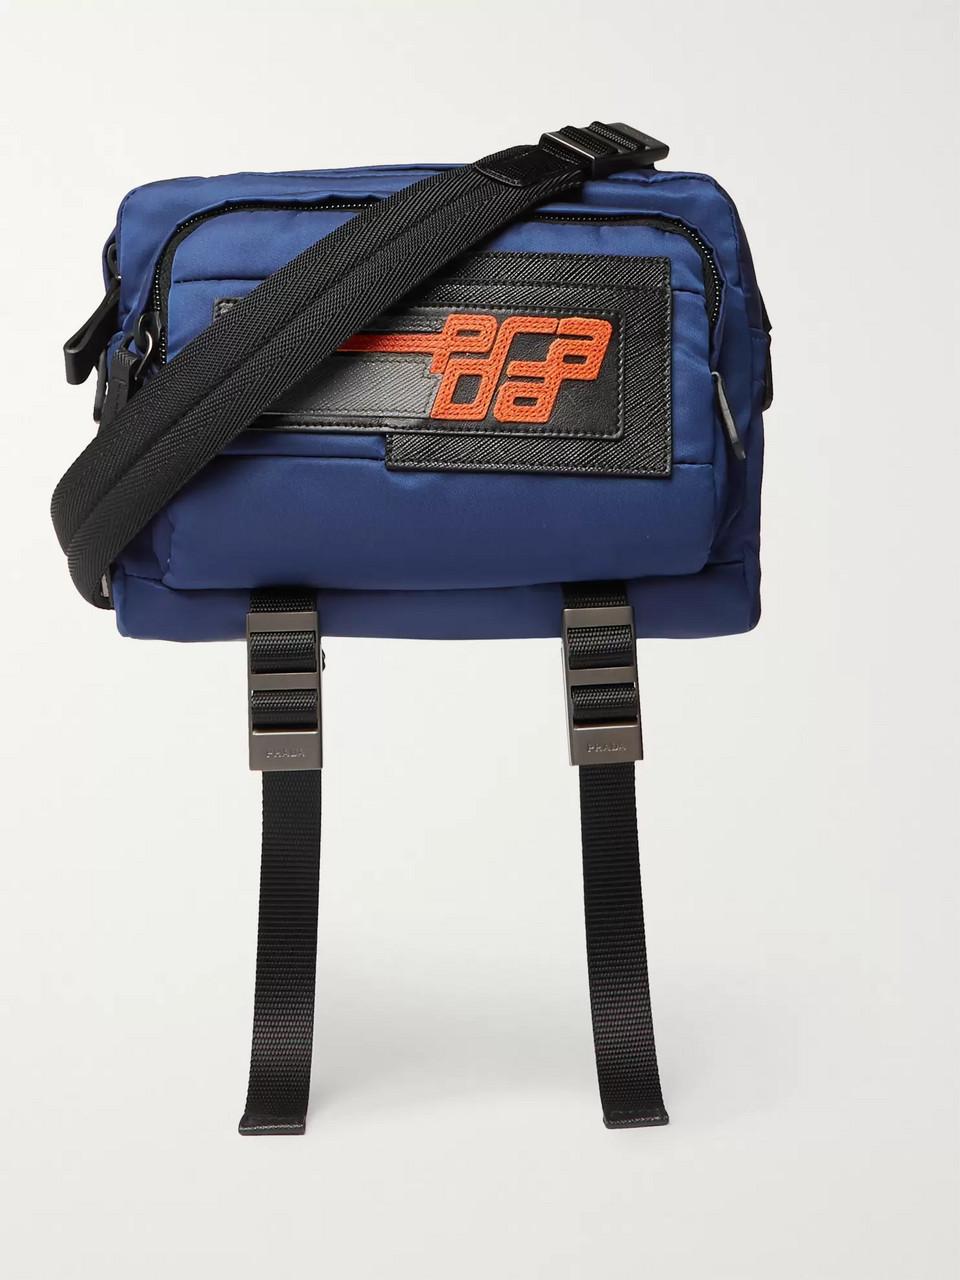 39b64a48de Blue Saffiano Leather-Trimmed Nylon Camera Bag | Prada | MR PORTER